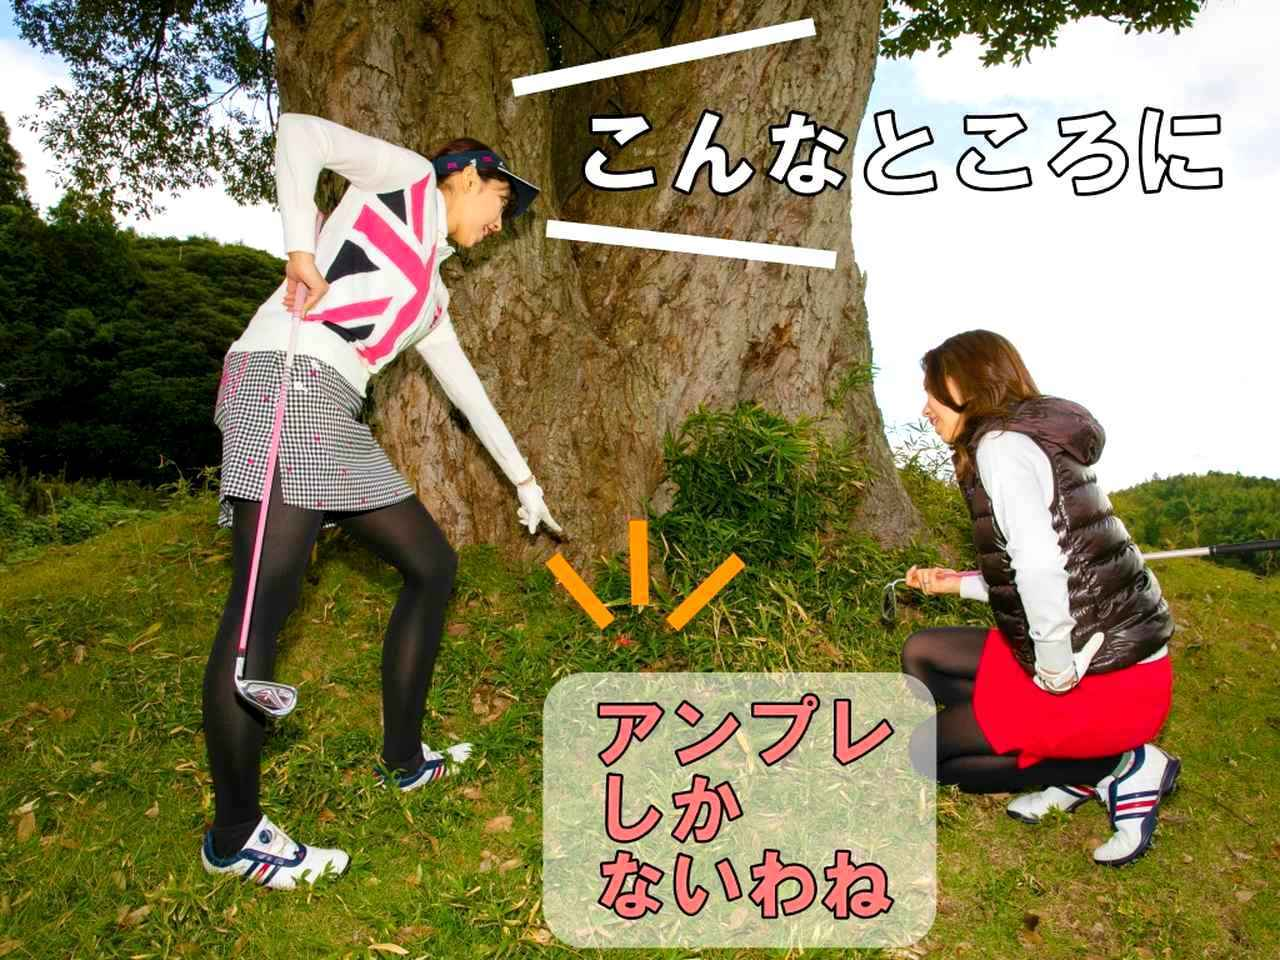 画像1: 【ルール】ドロップしたボールが自分の足に当たった。これってペナルティになる?